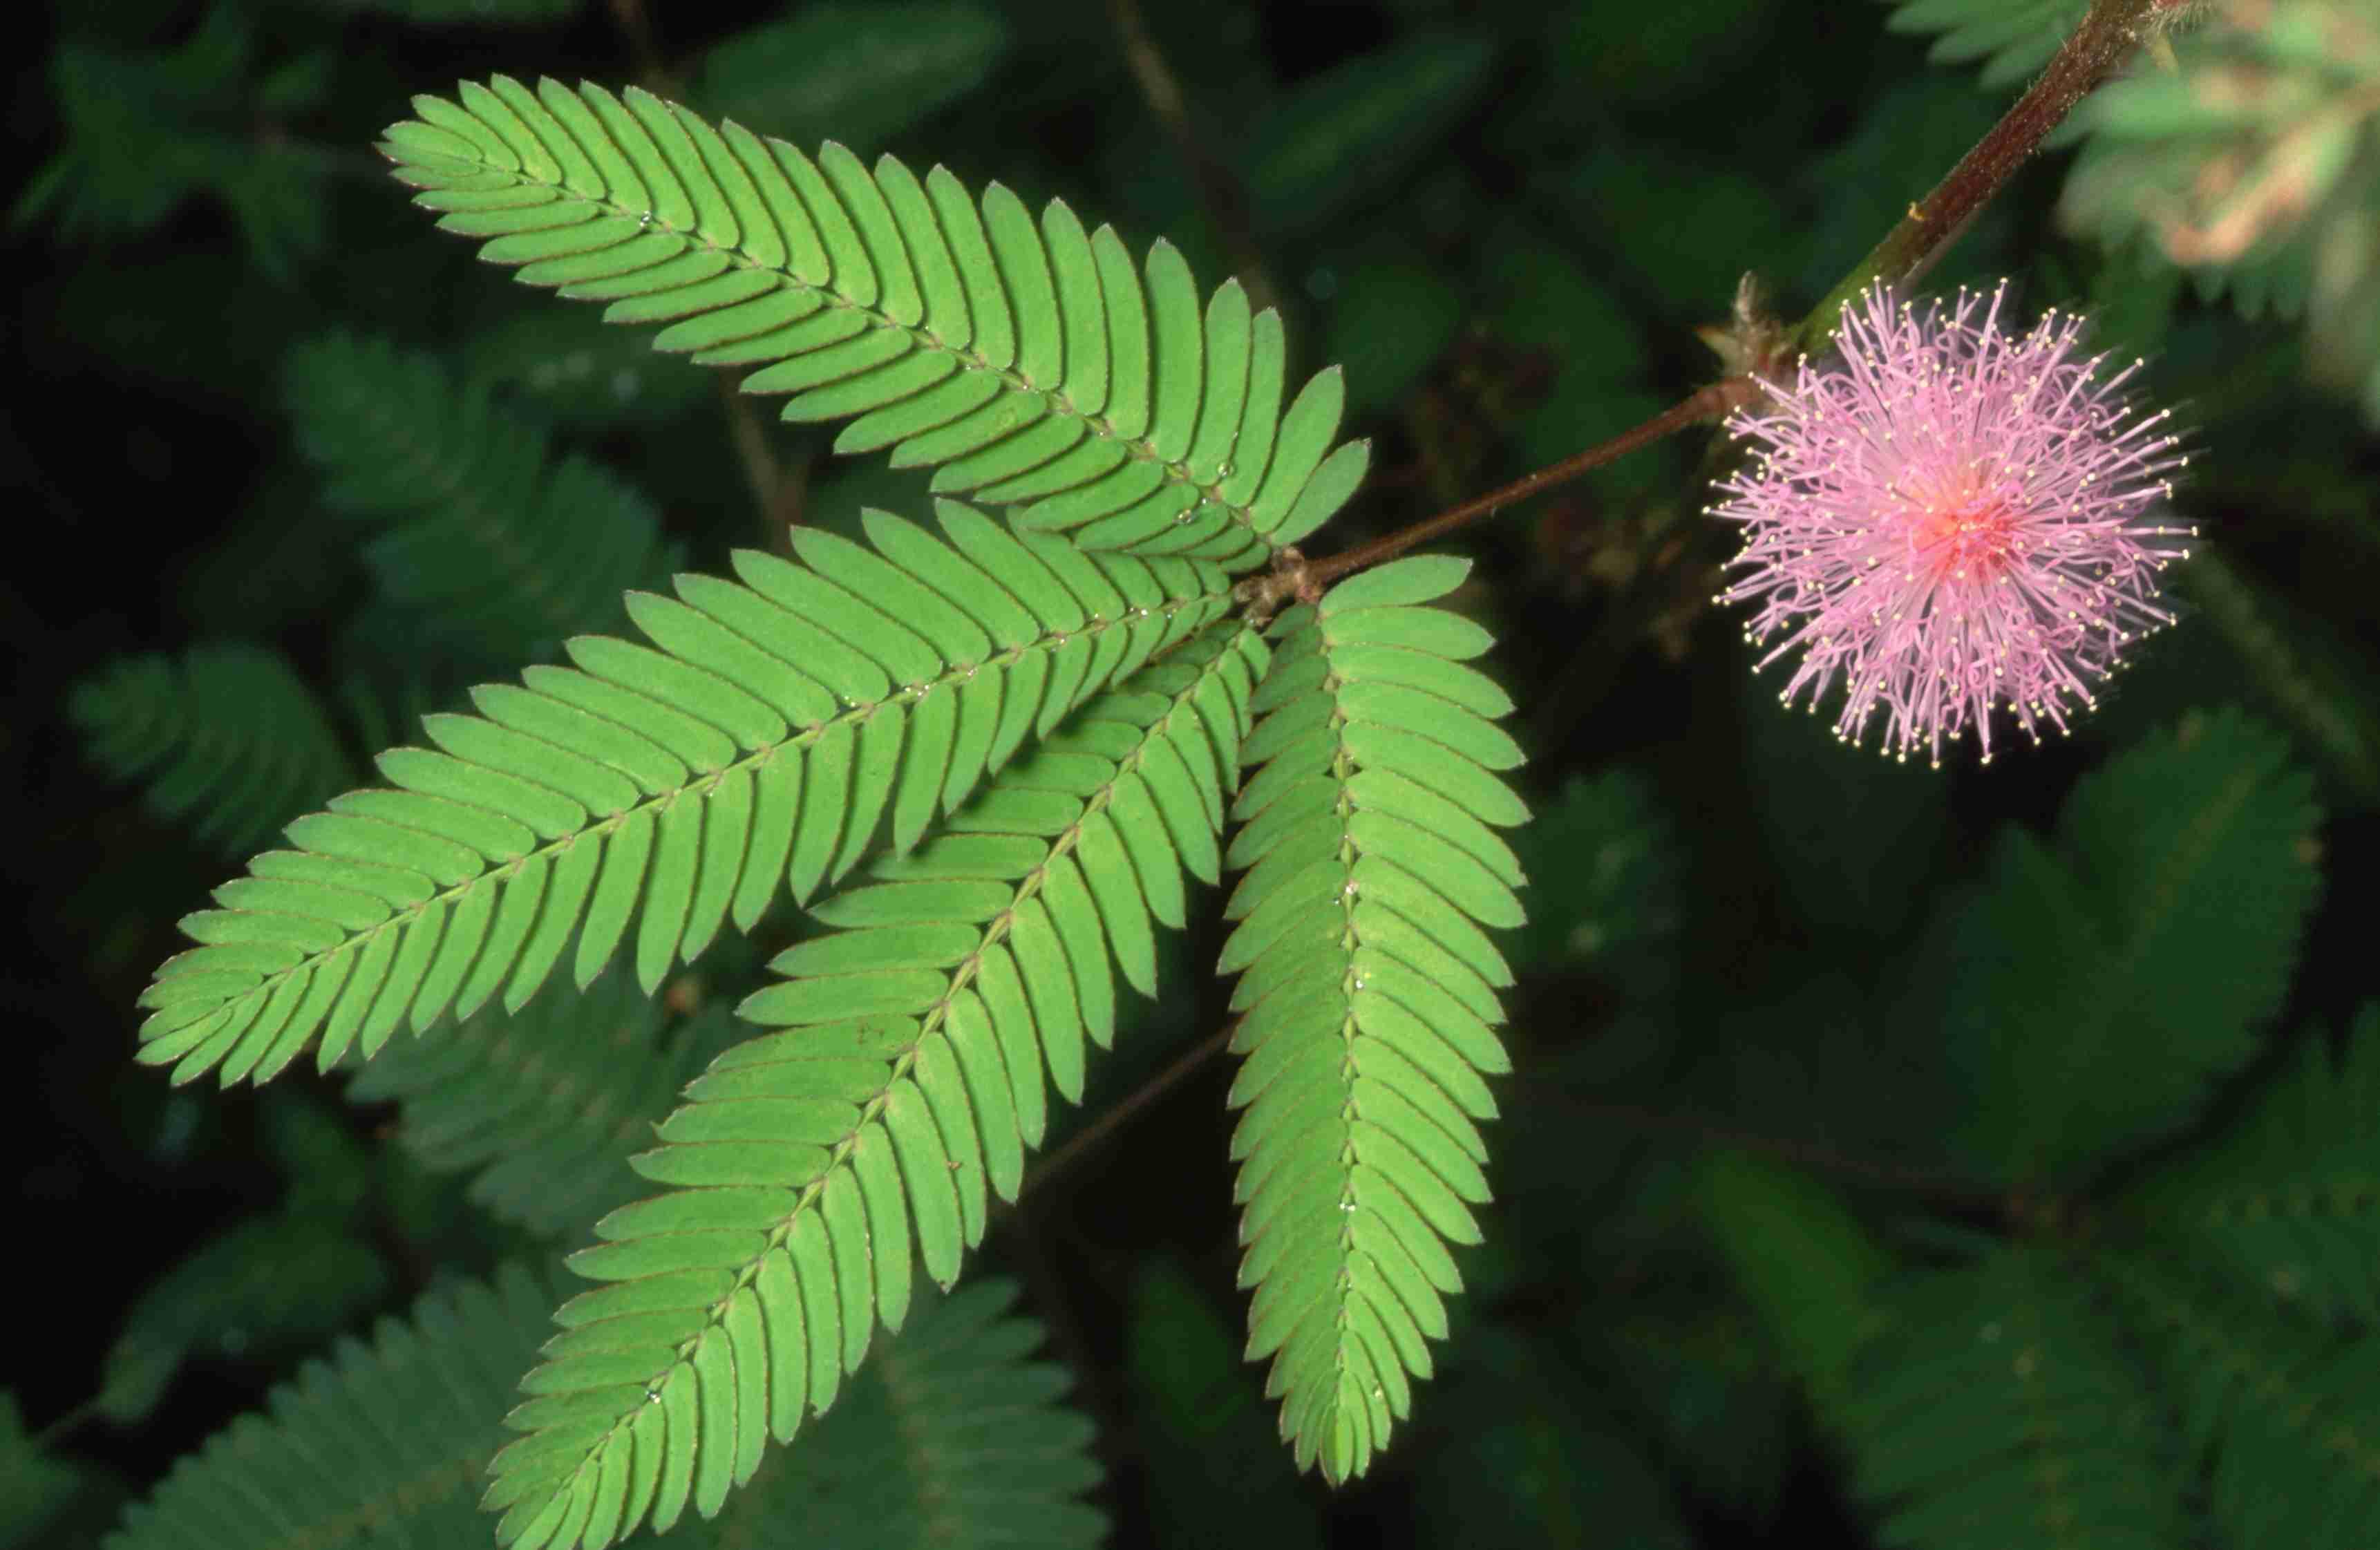 Sensitive Plant closeup